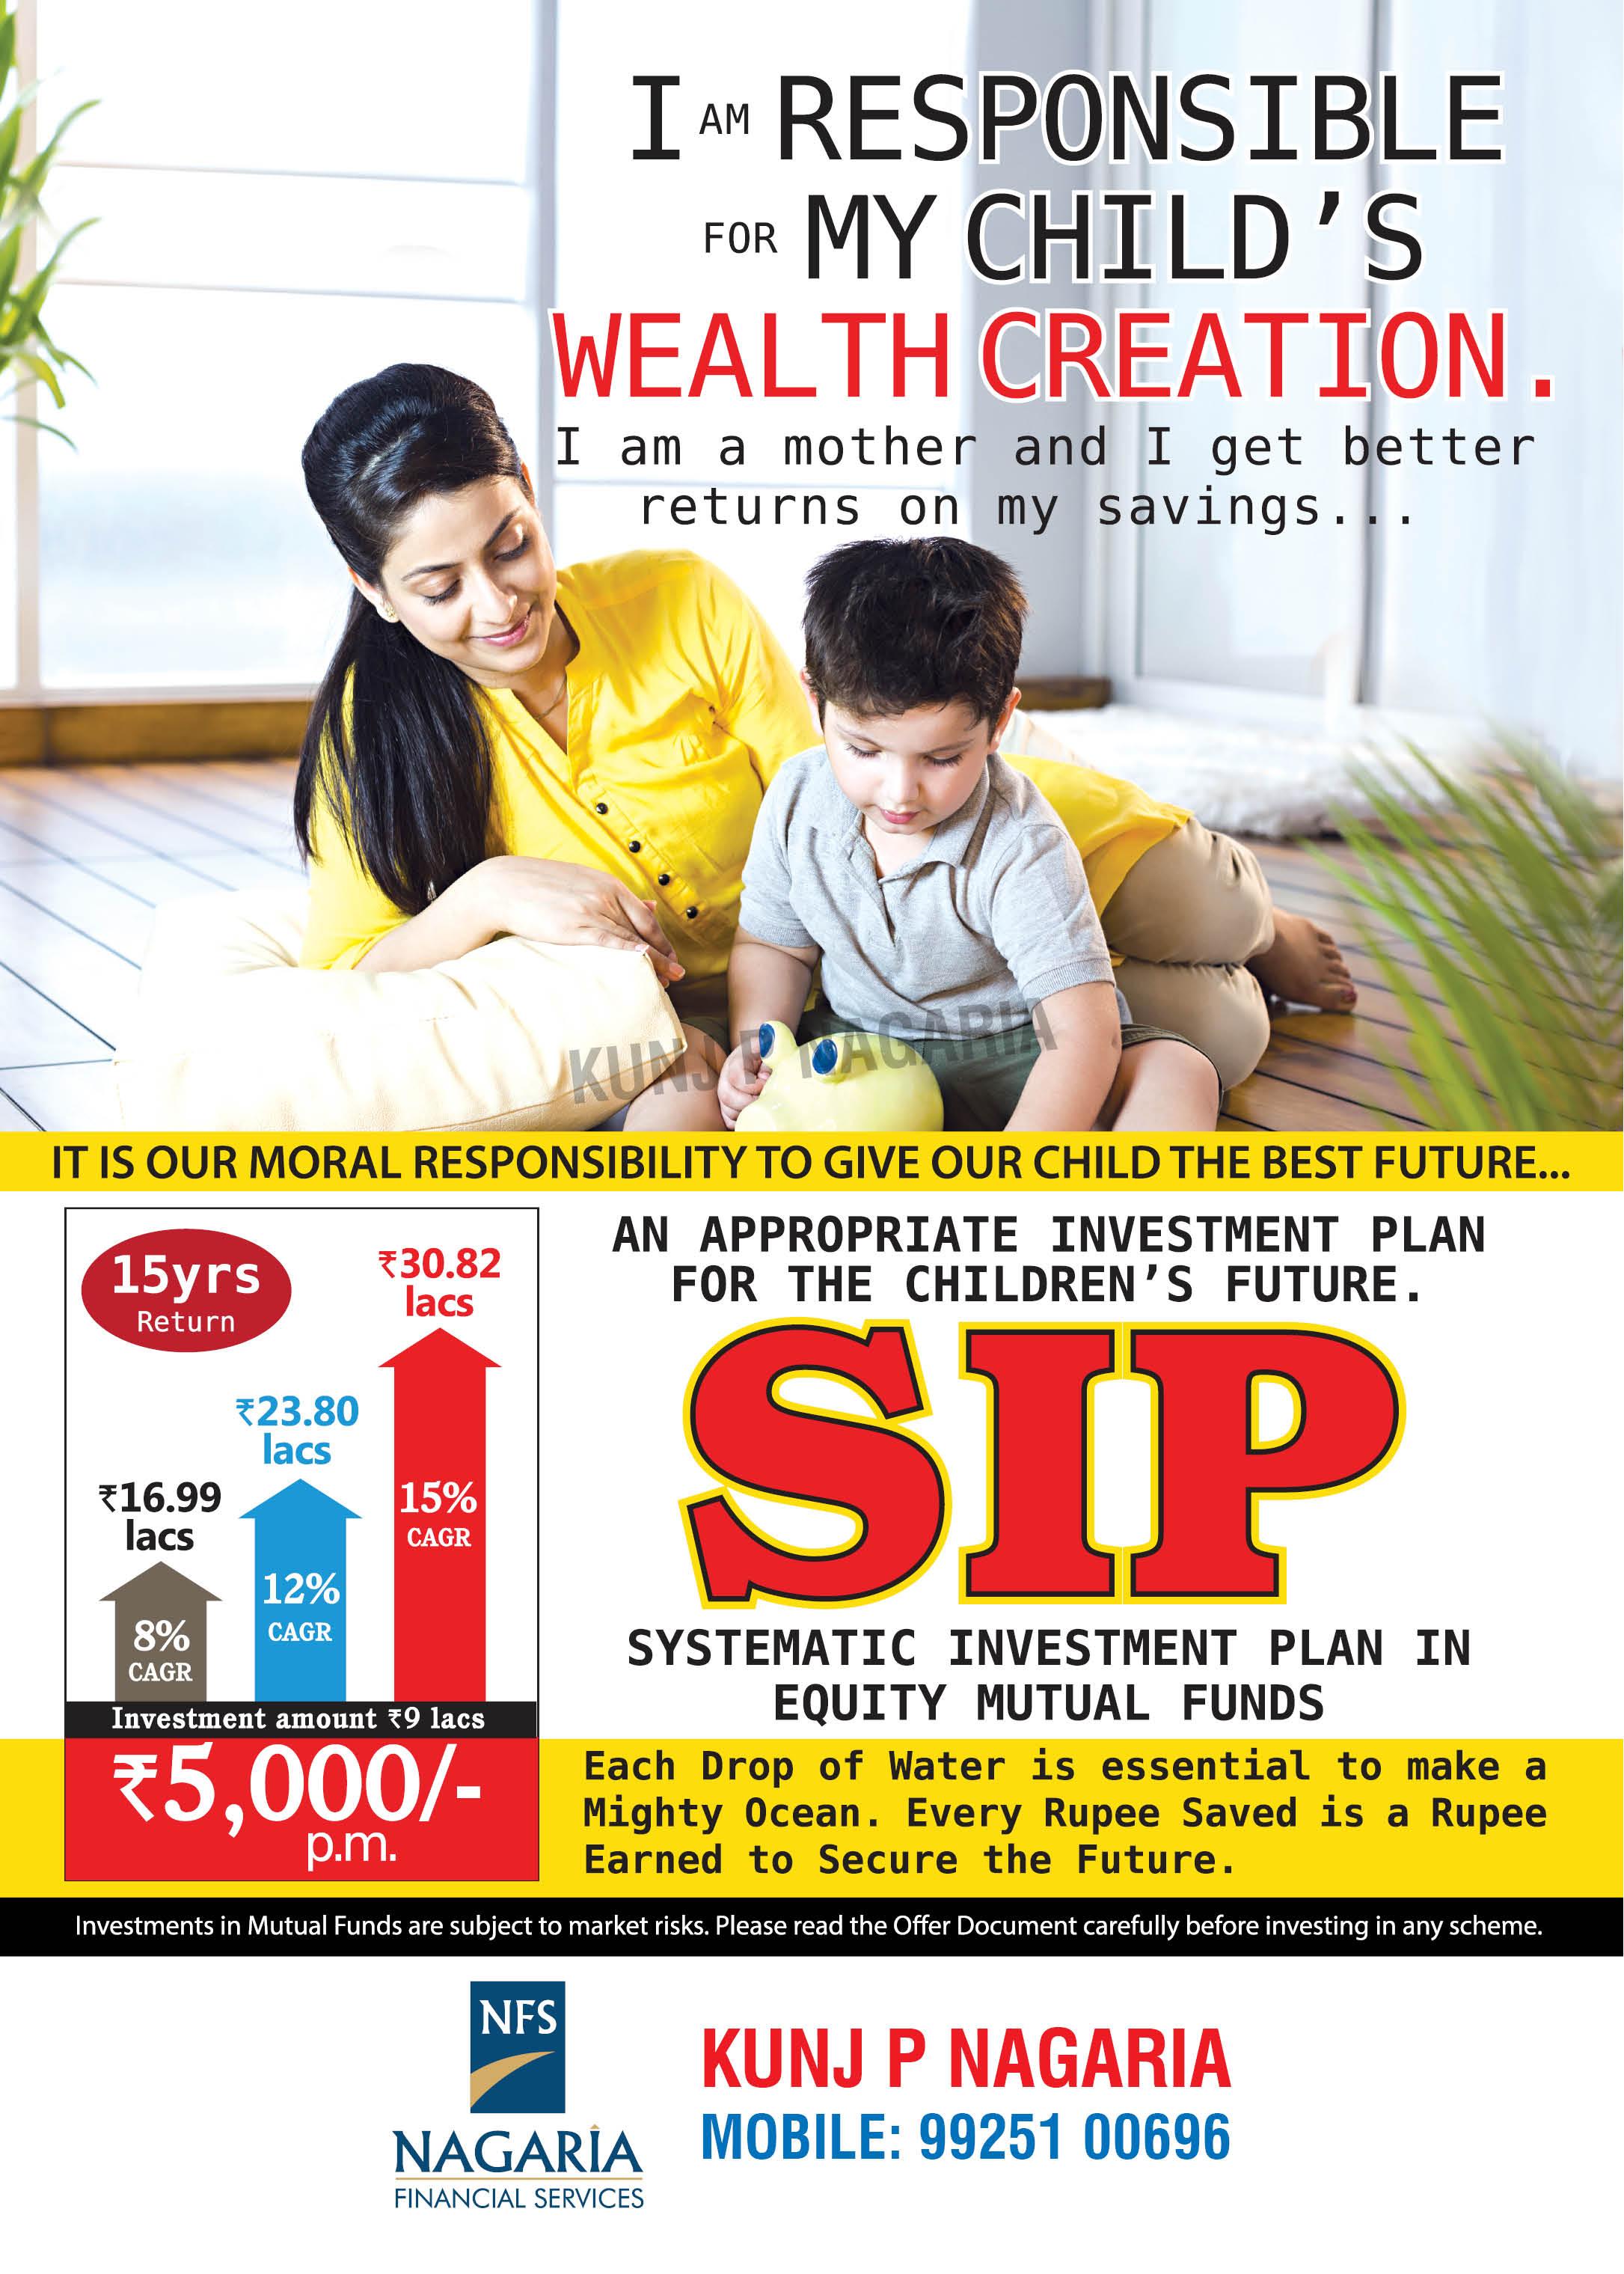 Nagaria Financial Services